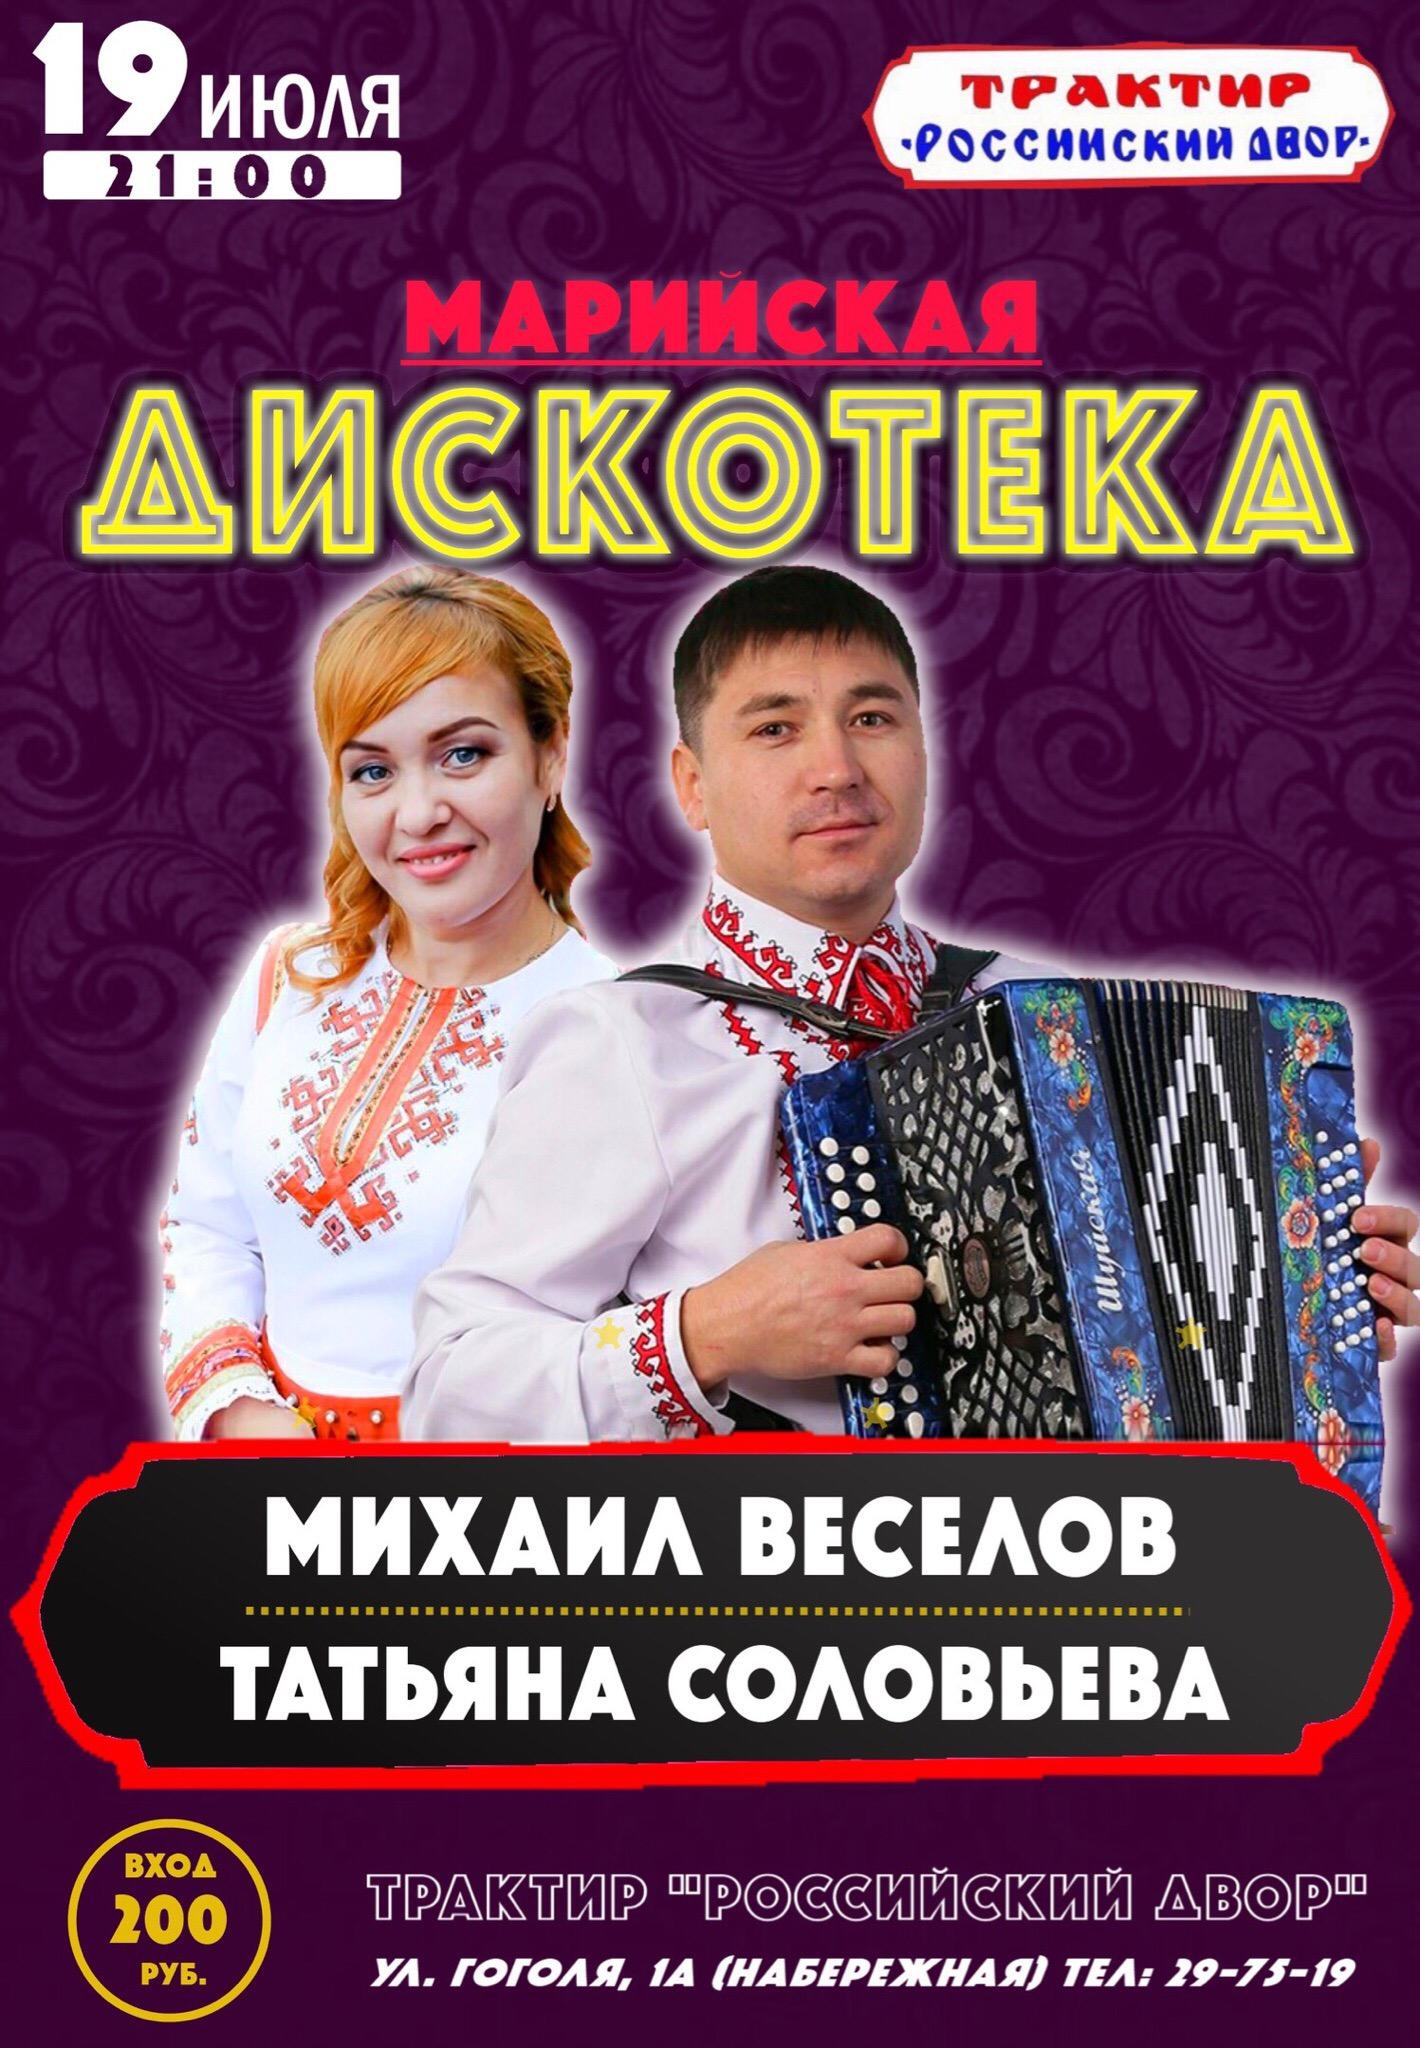 Кафе «Трактир Российский двор» - Вконтакте